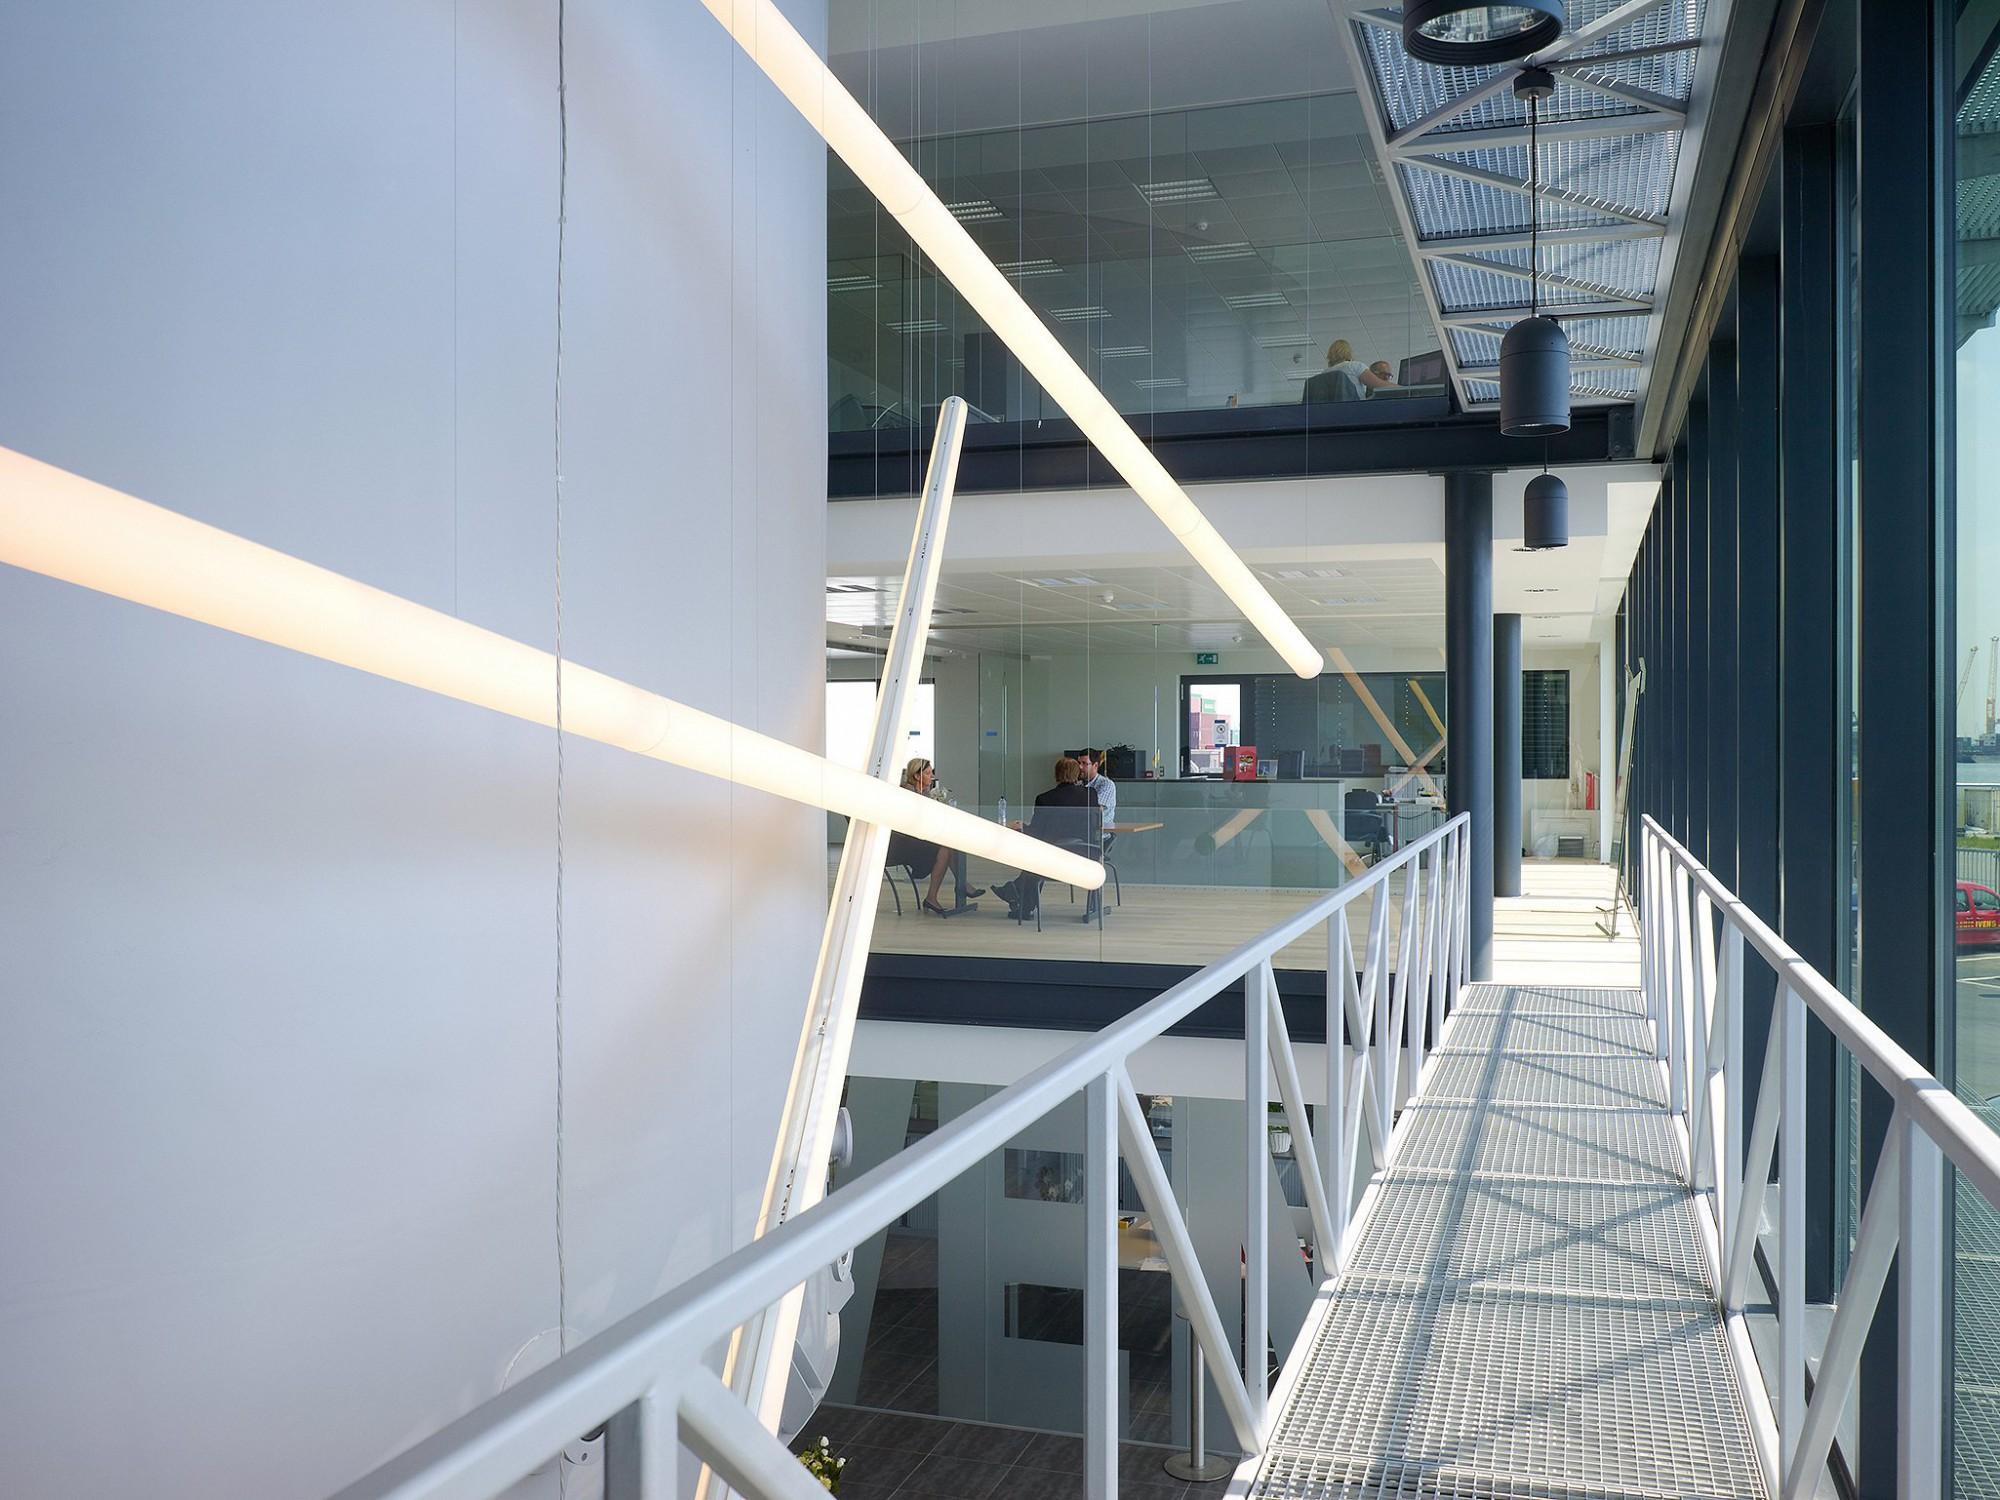 Afbeelding: Interieurfotografie-bedrijfsreportages, kantoor Ivens haven Antwerpen, interieurfotografie Foto Van Huffel.